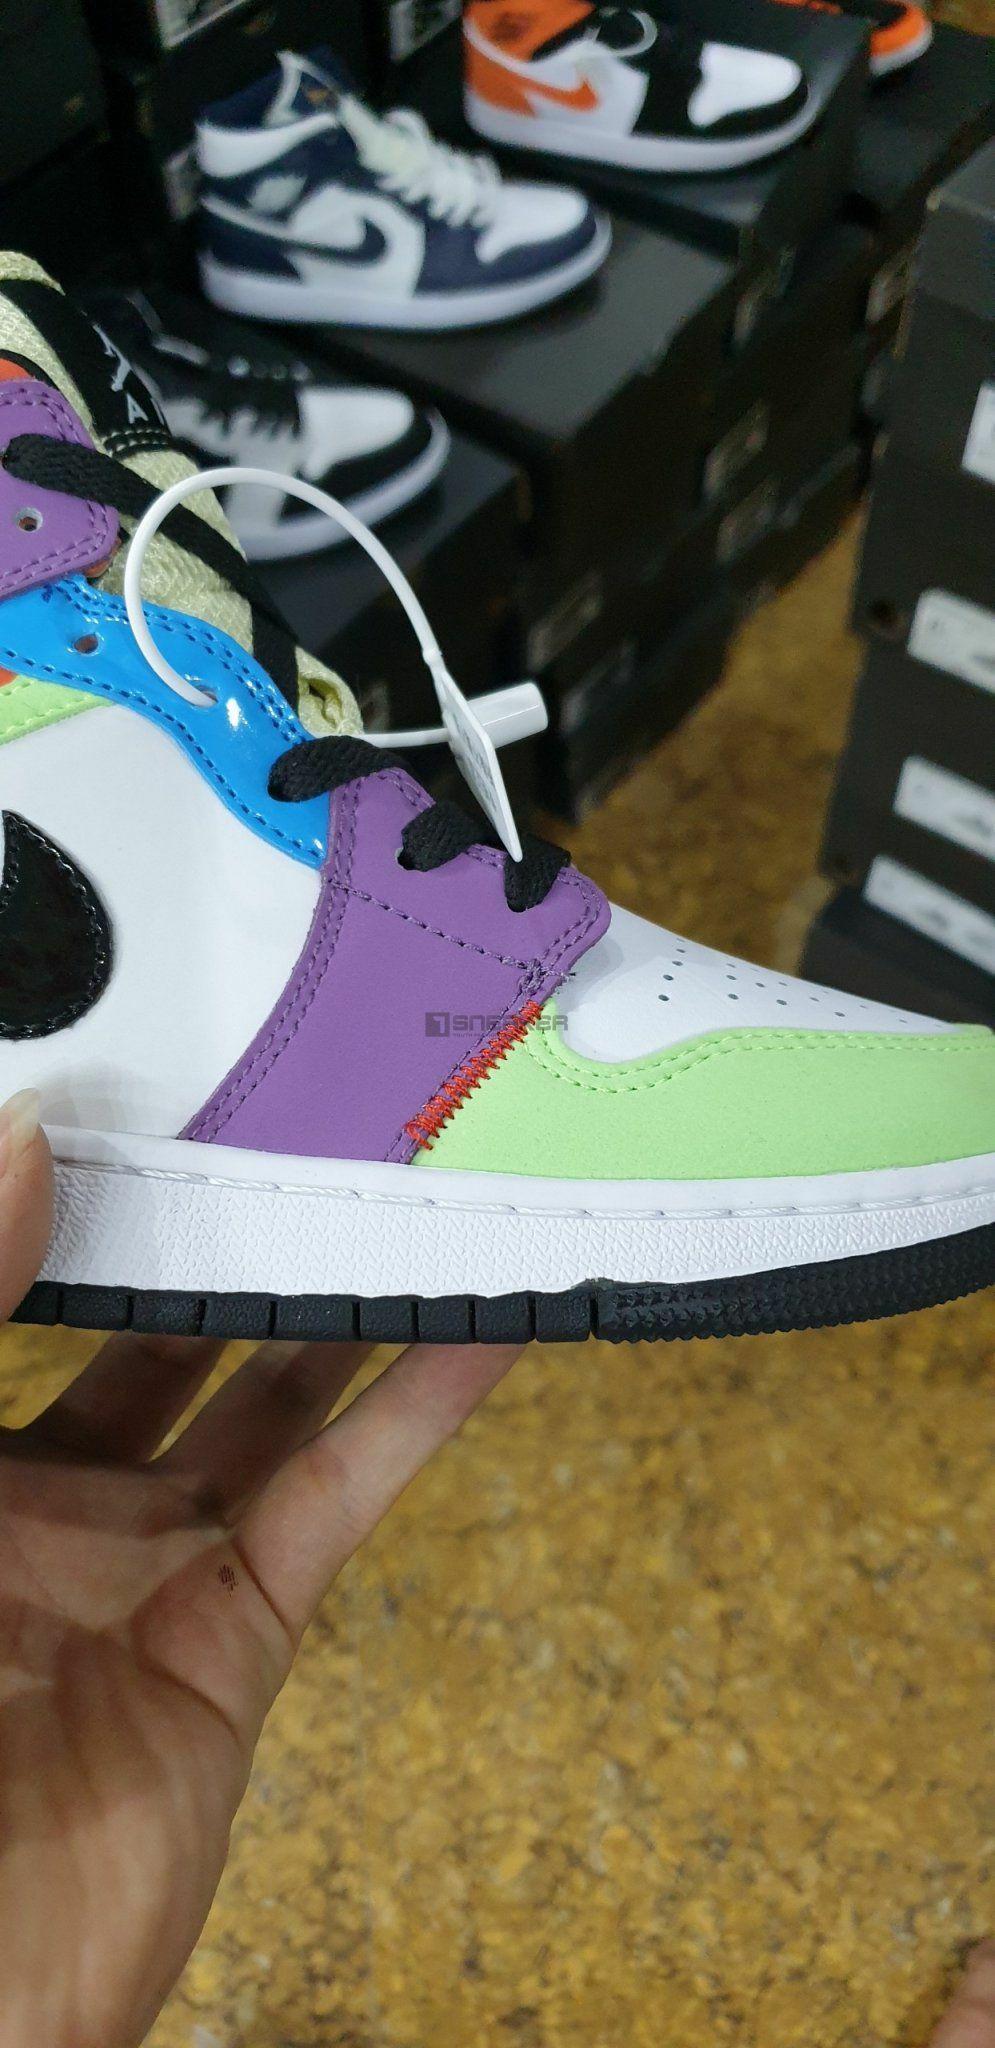 Nike Air Jordan 1 Mid SE Multi Color có đường chỉ may đều của 1 đôi giày rep 1:1 chuẩn